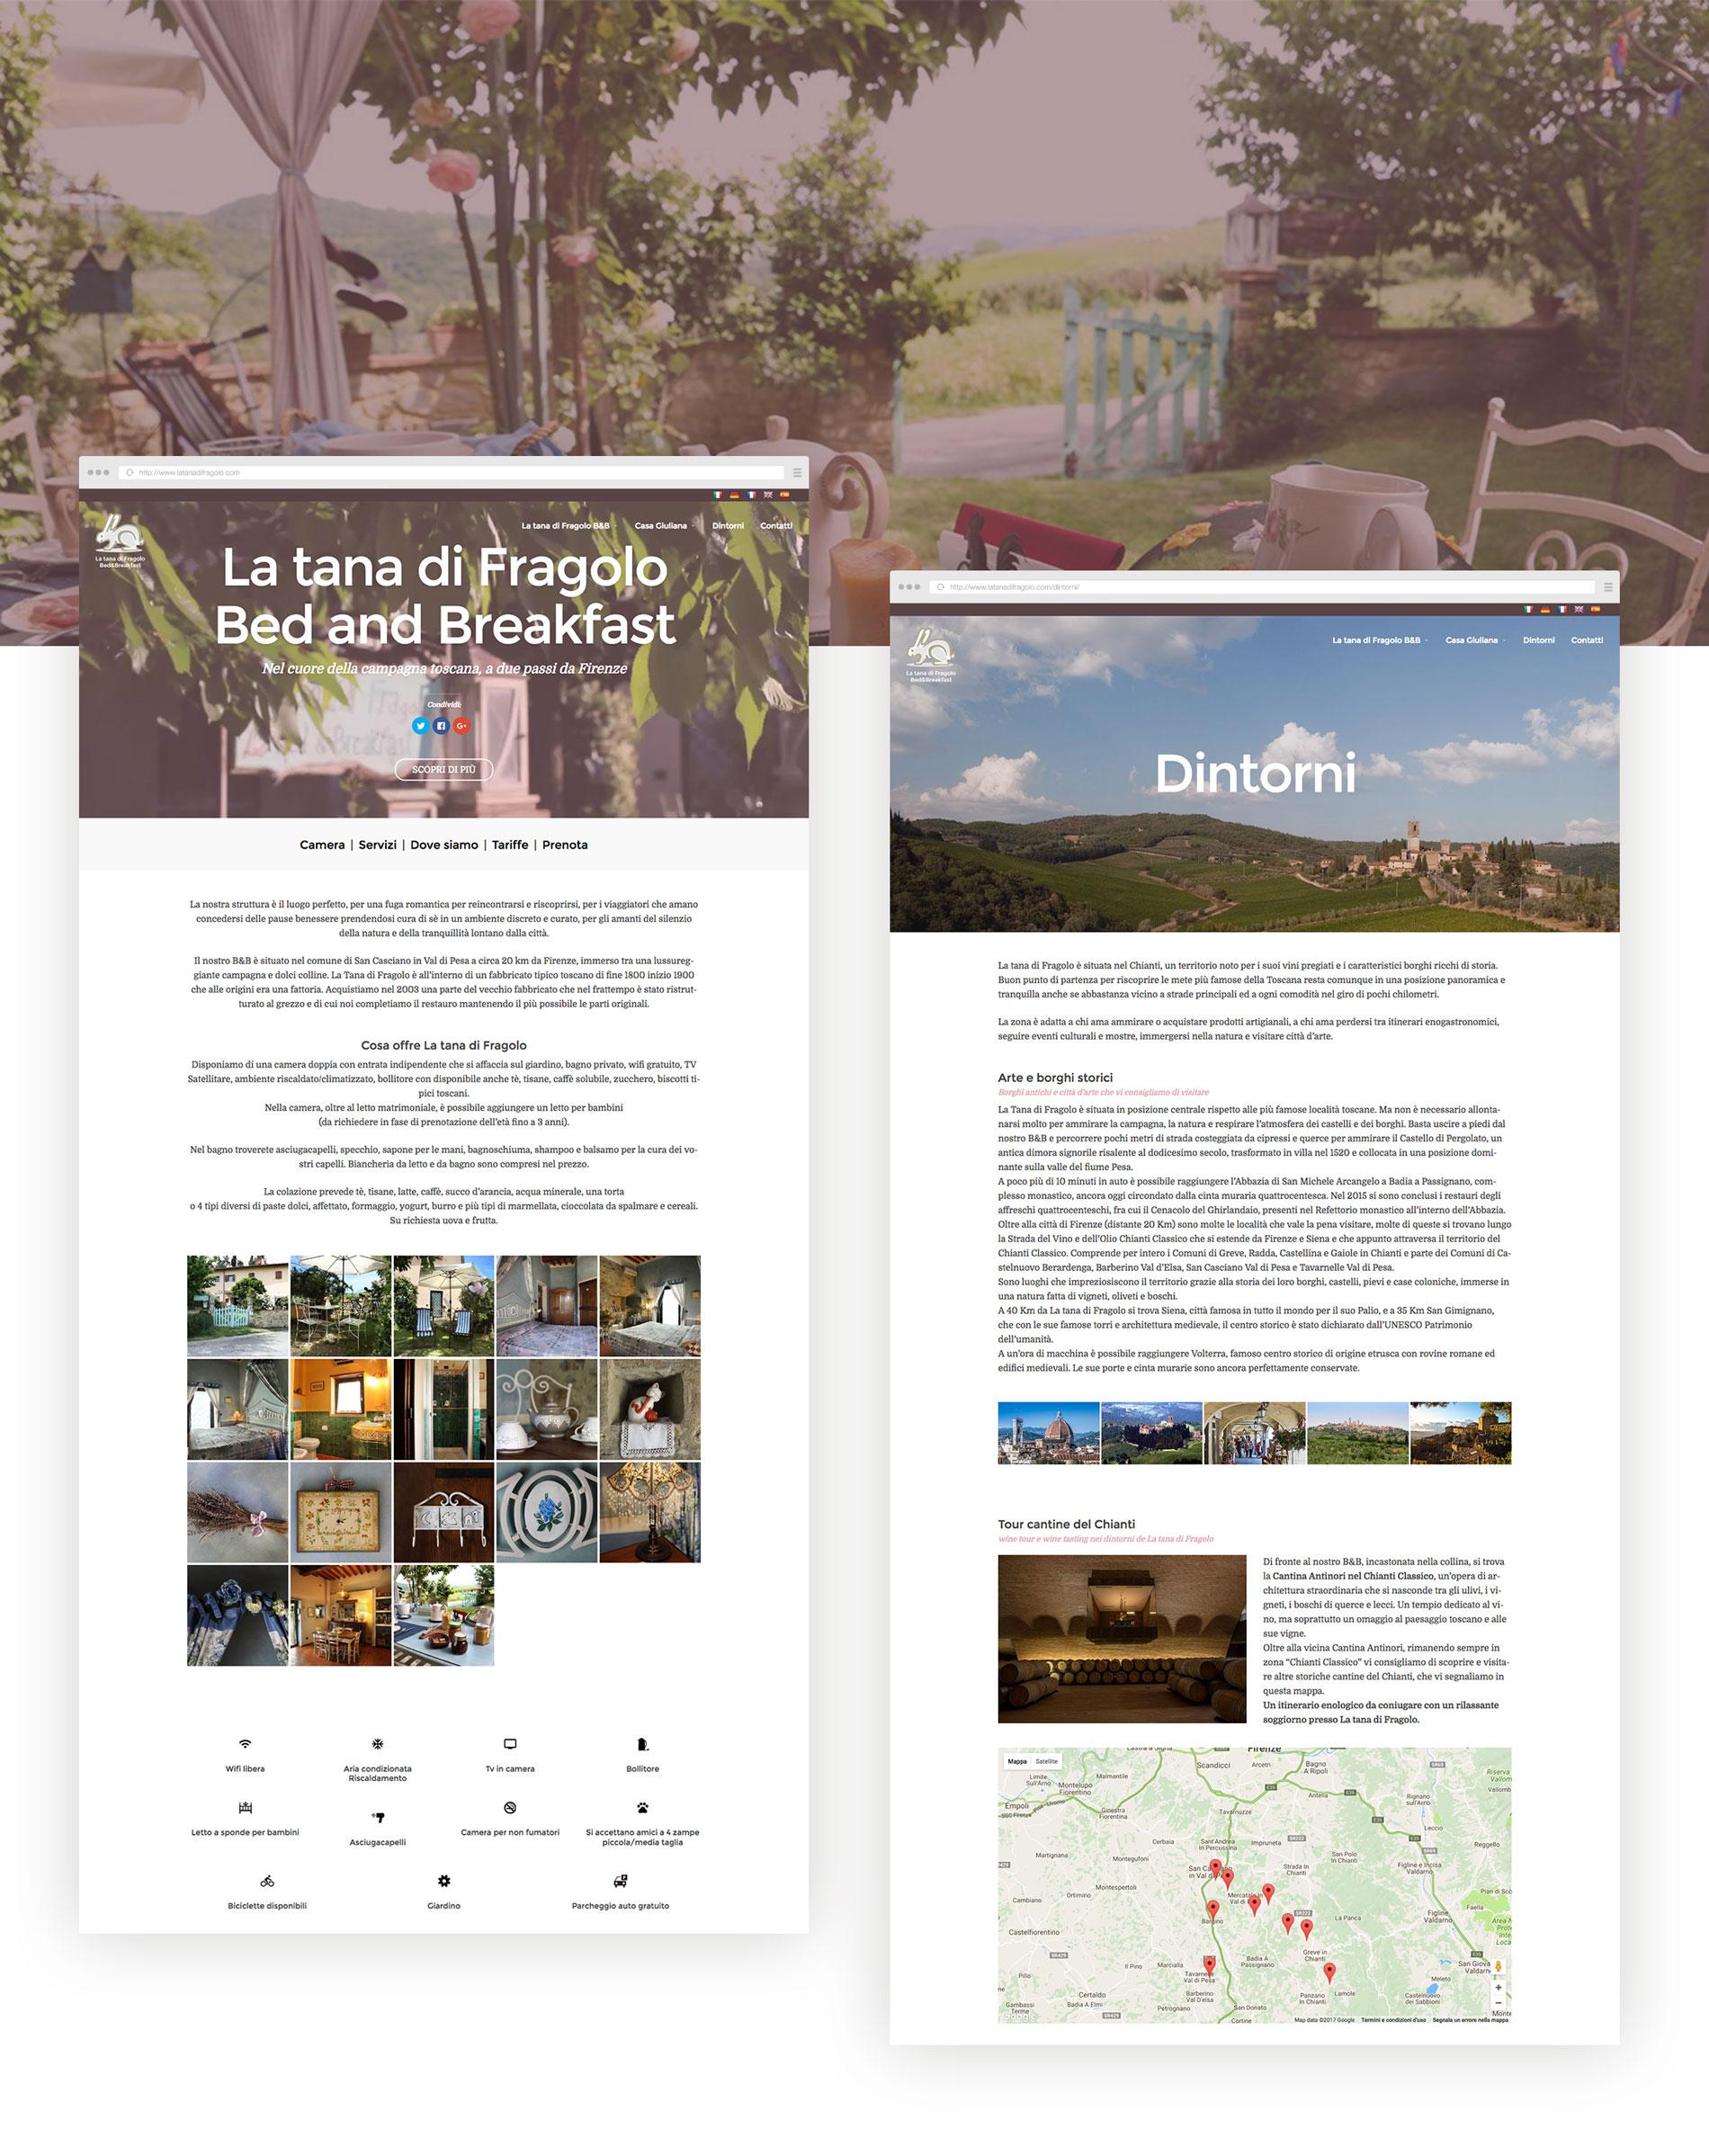 realizzazione-sito-web-la-tana-di-fragolo-1